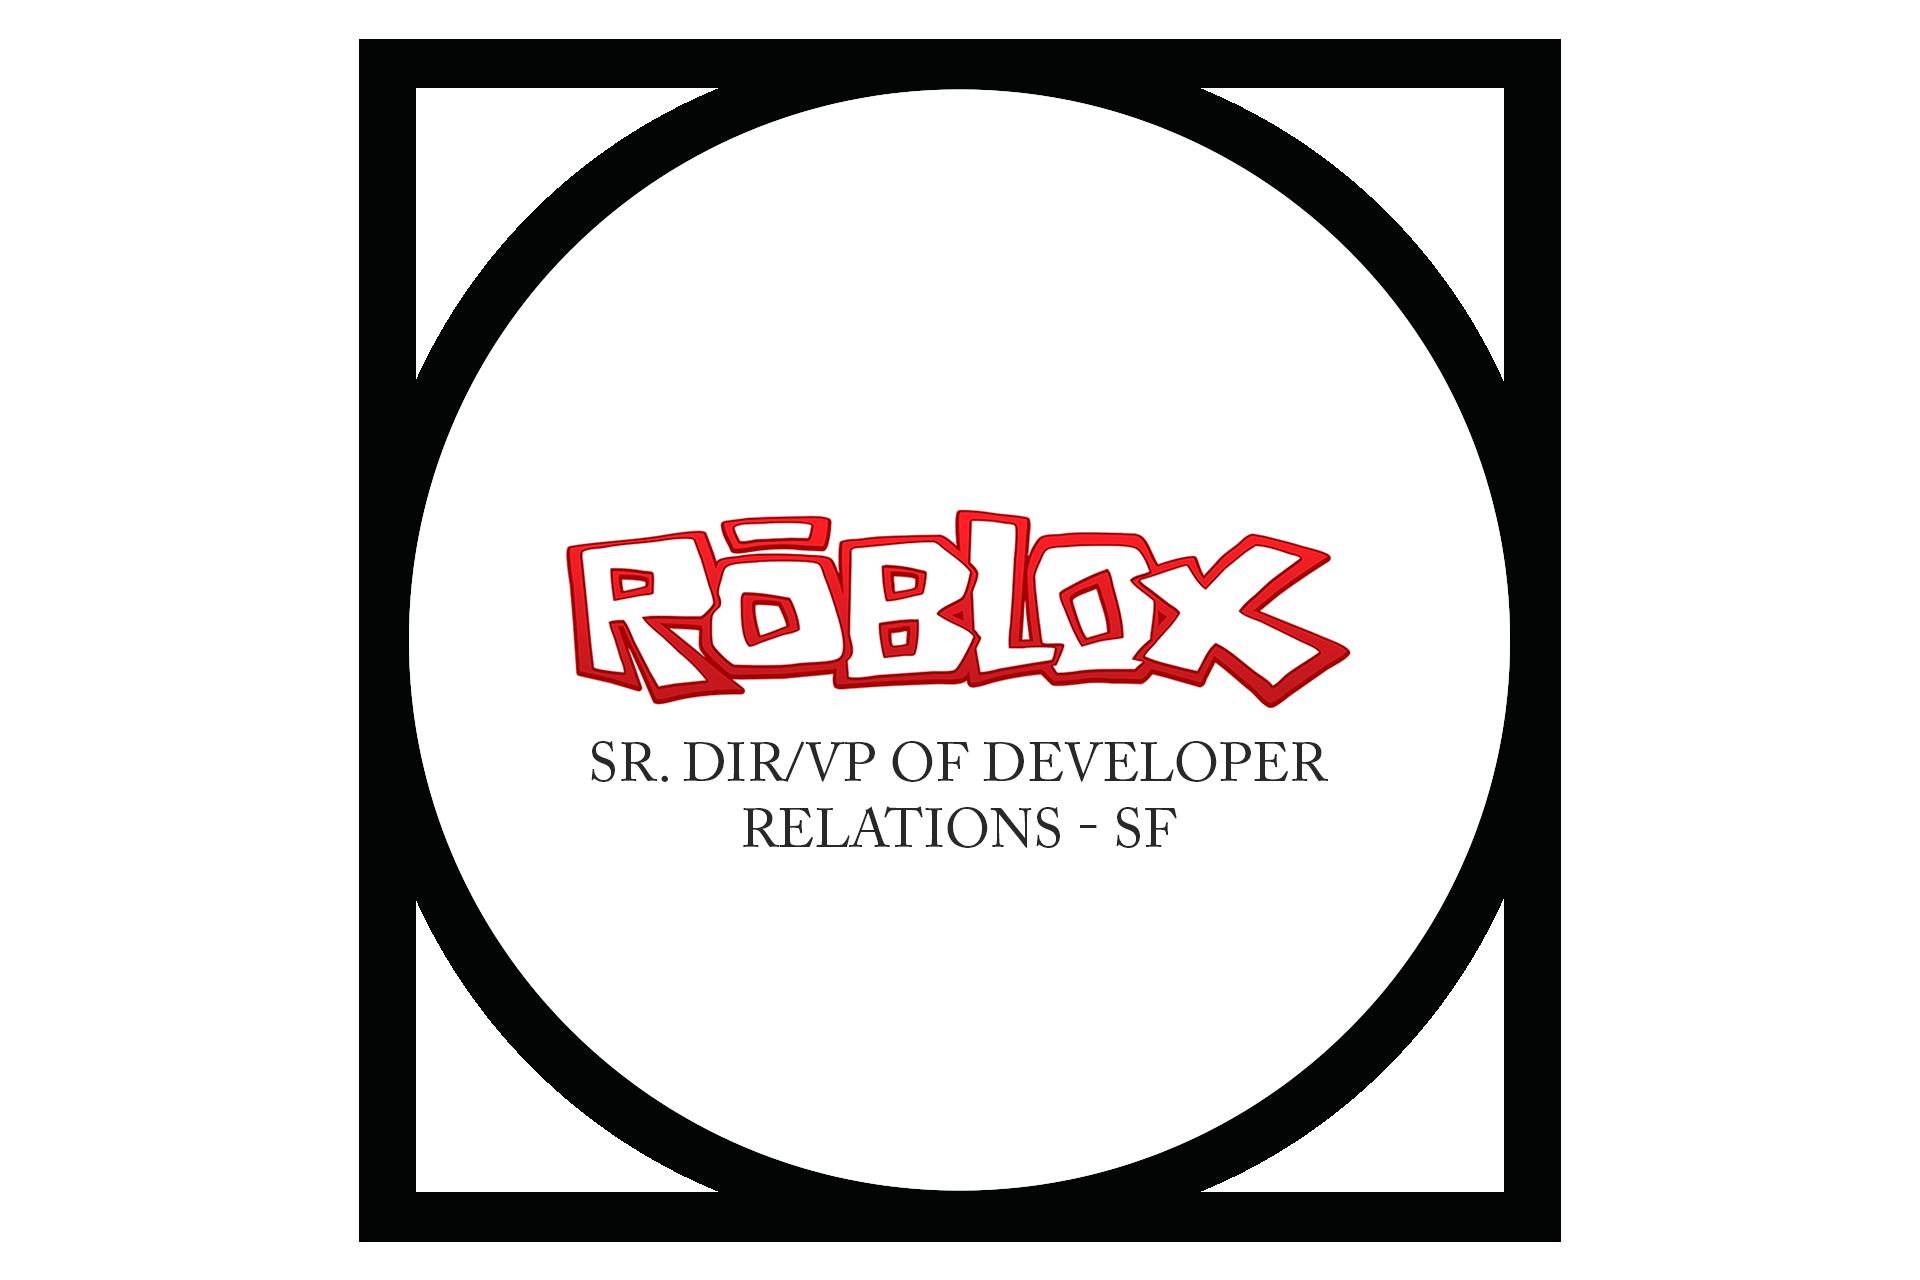 1-Roblox-circle